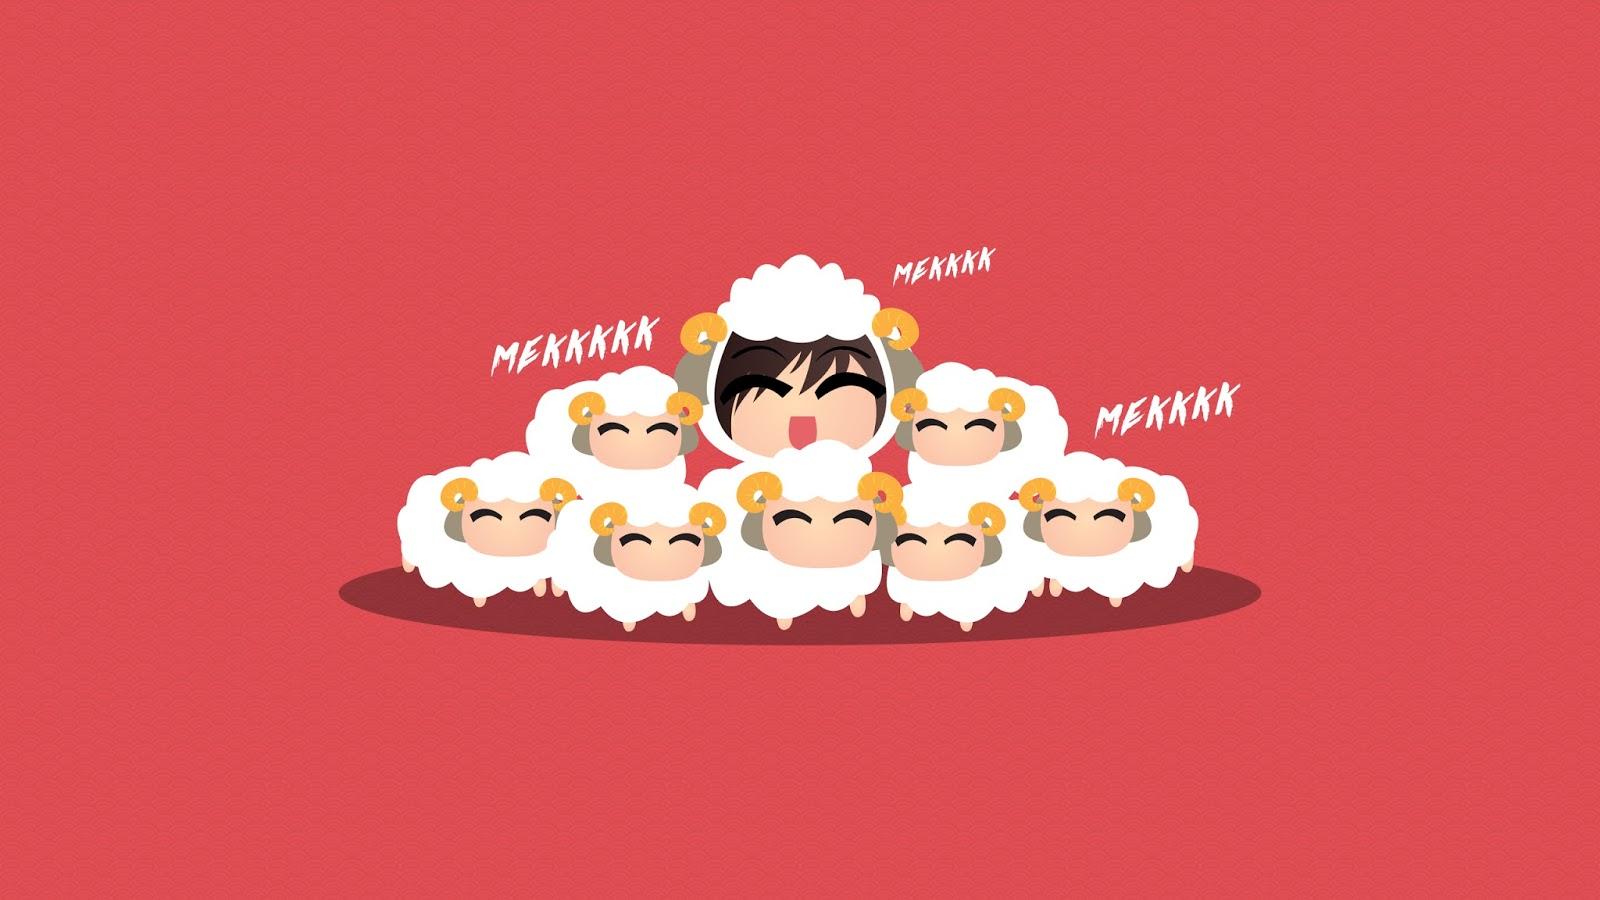 #wallpaper Mekk mekkkk Happy Chinese New Year Mekkkk